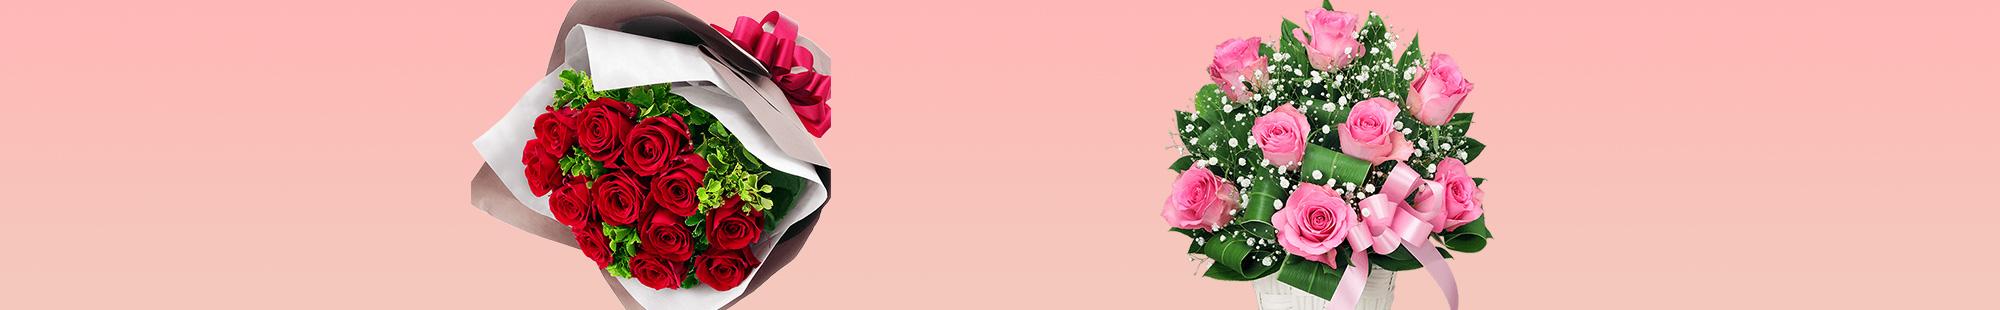 花キューピットの結婚記念日におすすめ!人気のプレゼント特集 2019